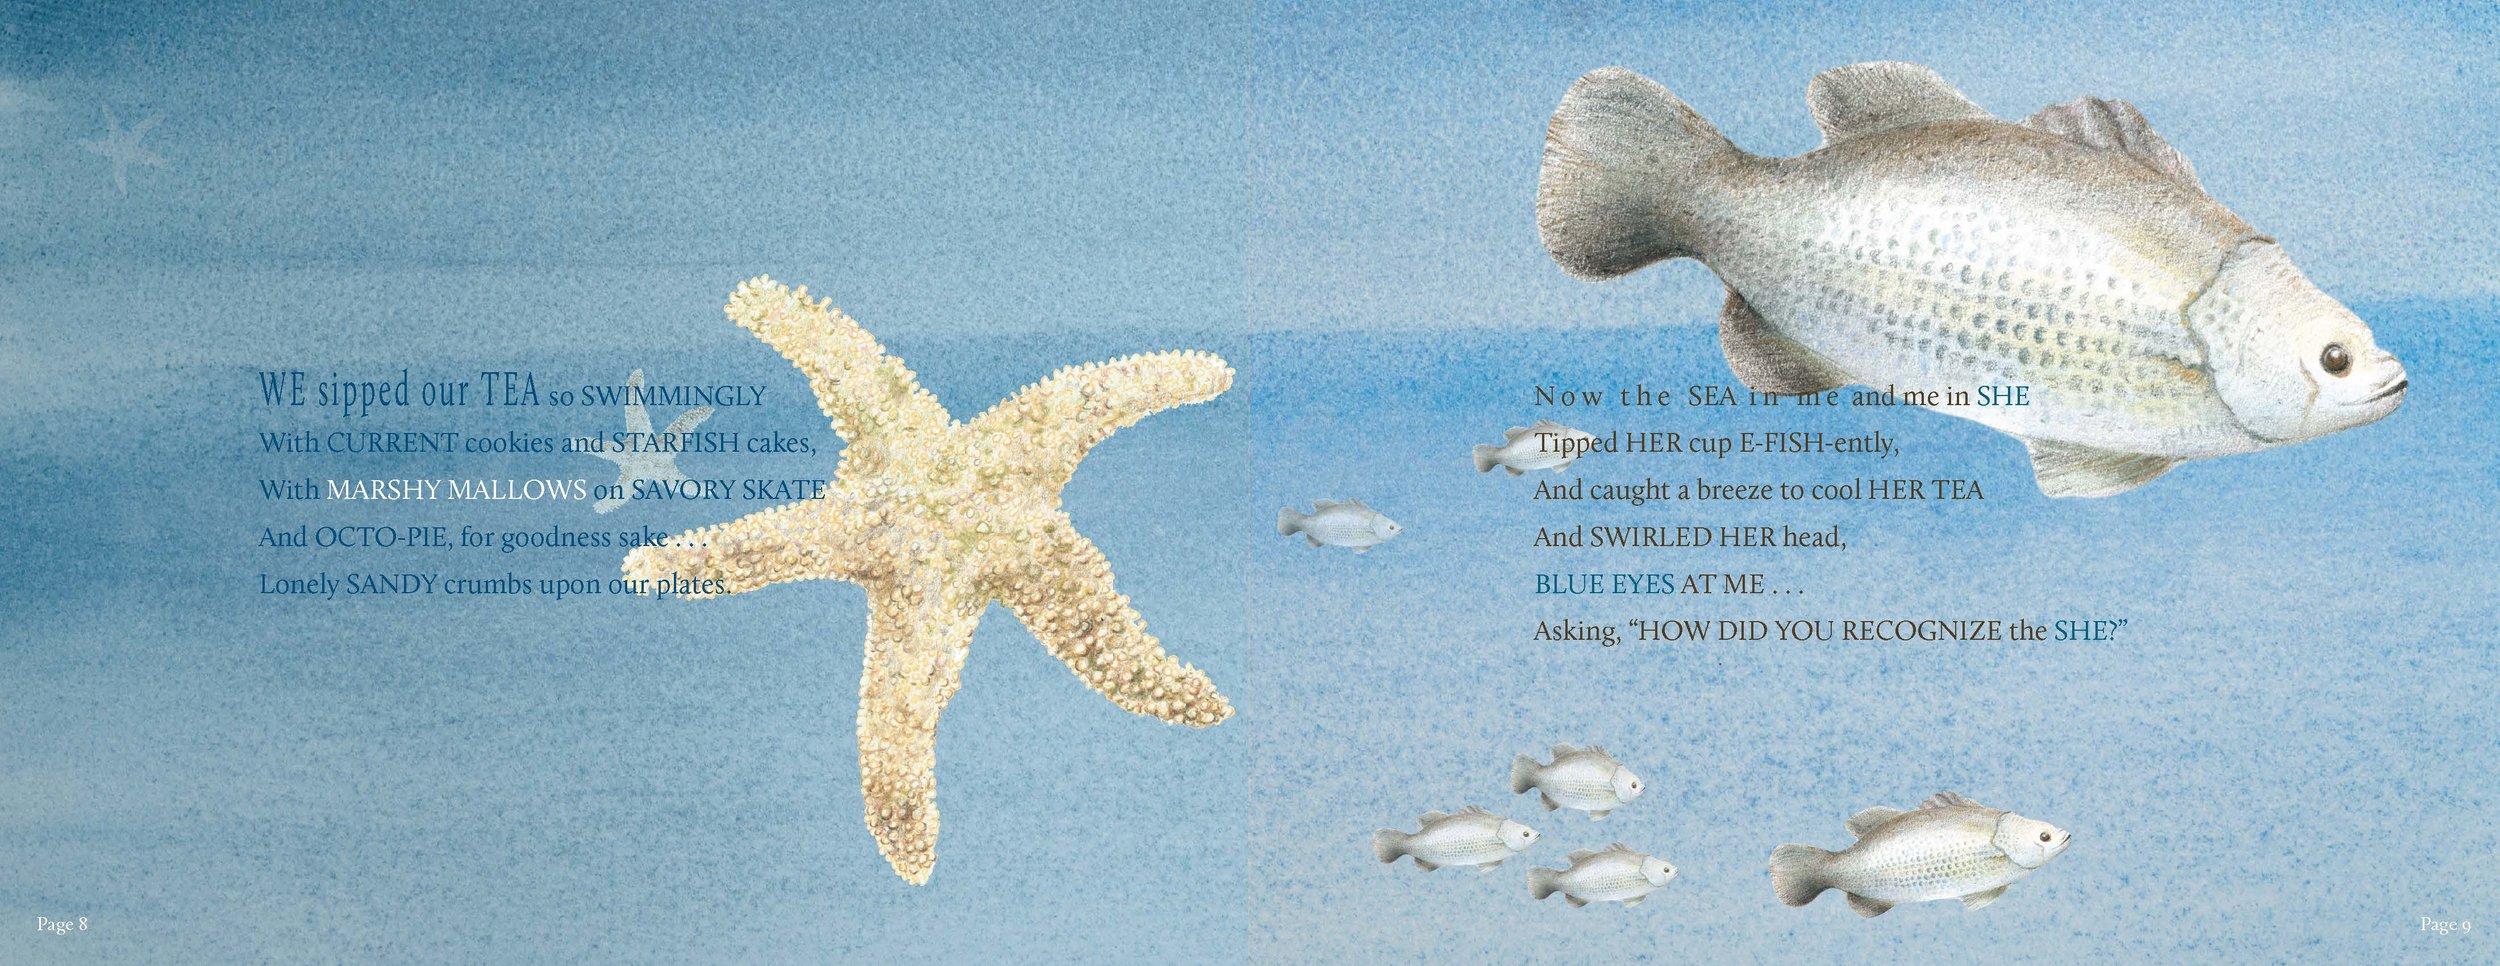 Sea Saw v7 Spreads Print_Page_05.jpg